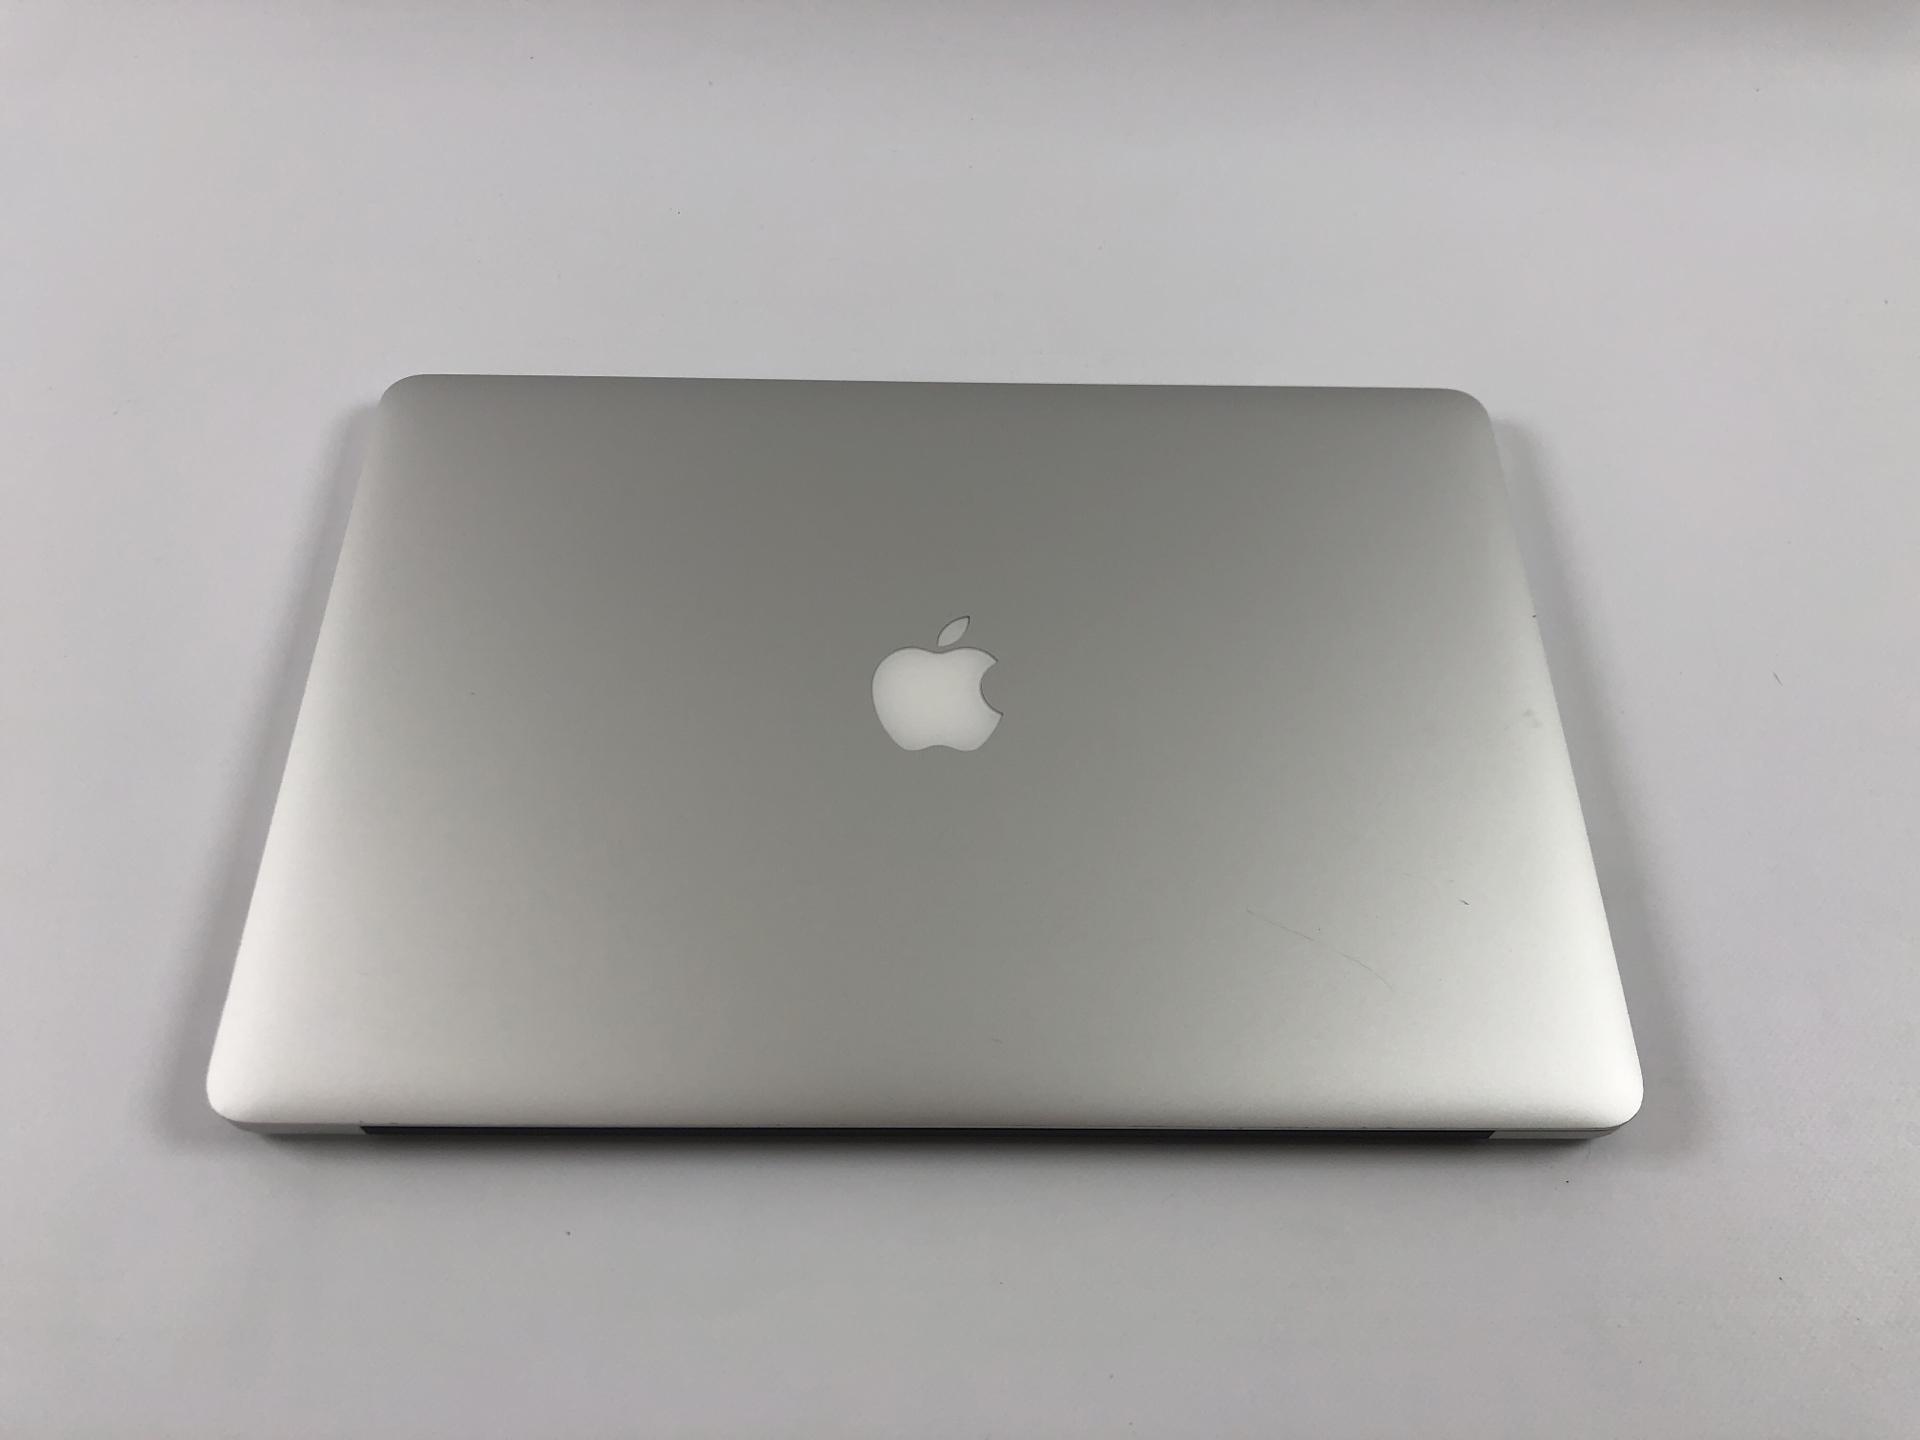 """MacBook Pro Retina 15"""" Mid 2015 (Intel Quad-Core i7 2.5 GHz 16 GB RAM 512 GB SSD), Intel Quad-Core i7 2.5 GHz, 16 GB RAM, 512 GB SSD, Kuva 2"""